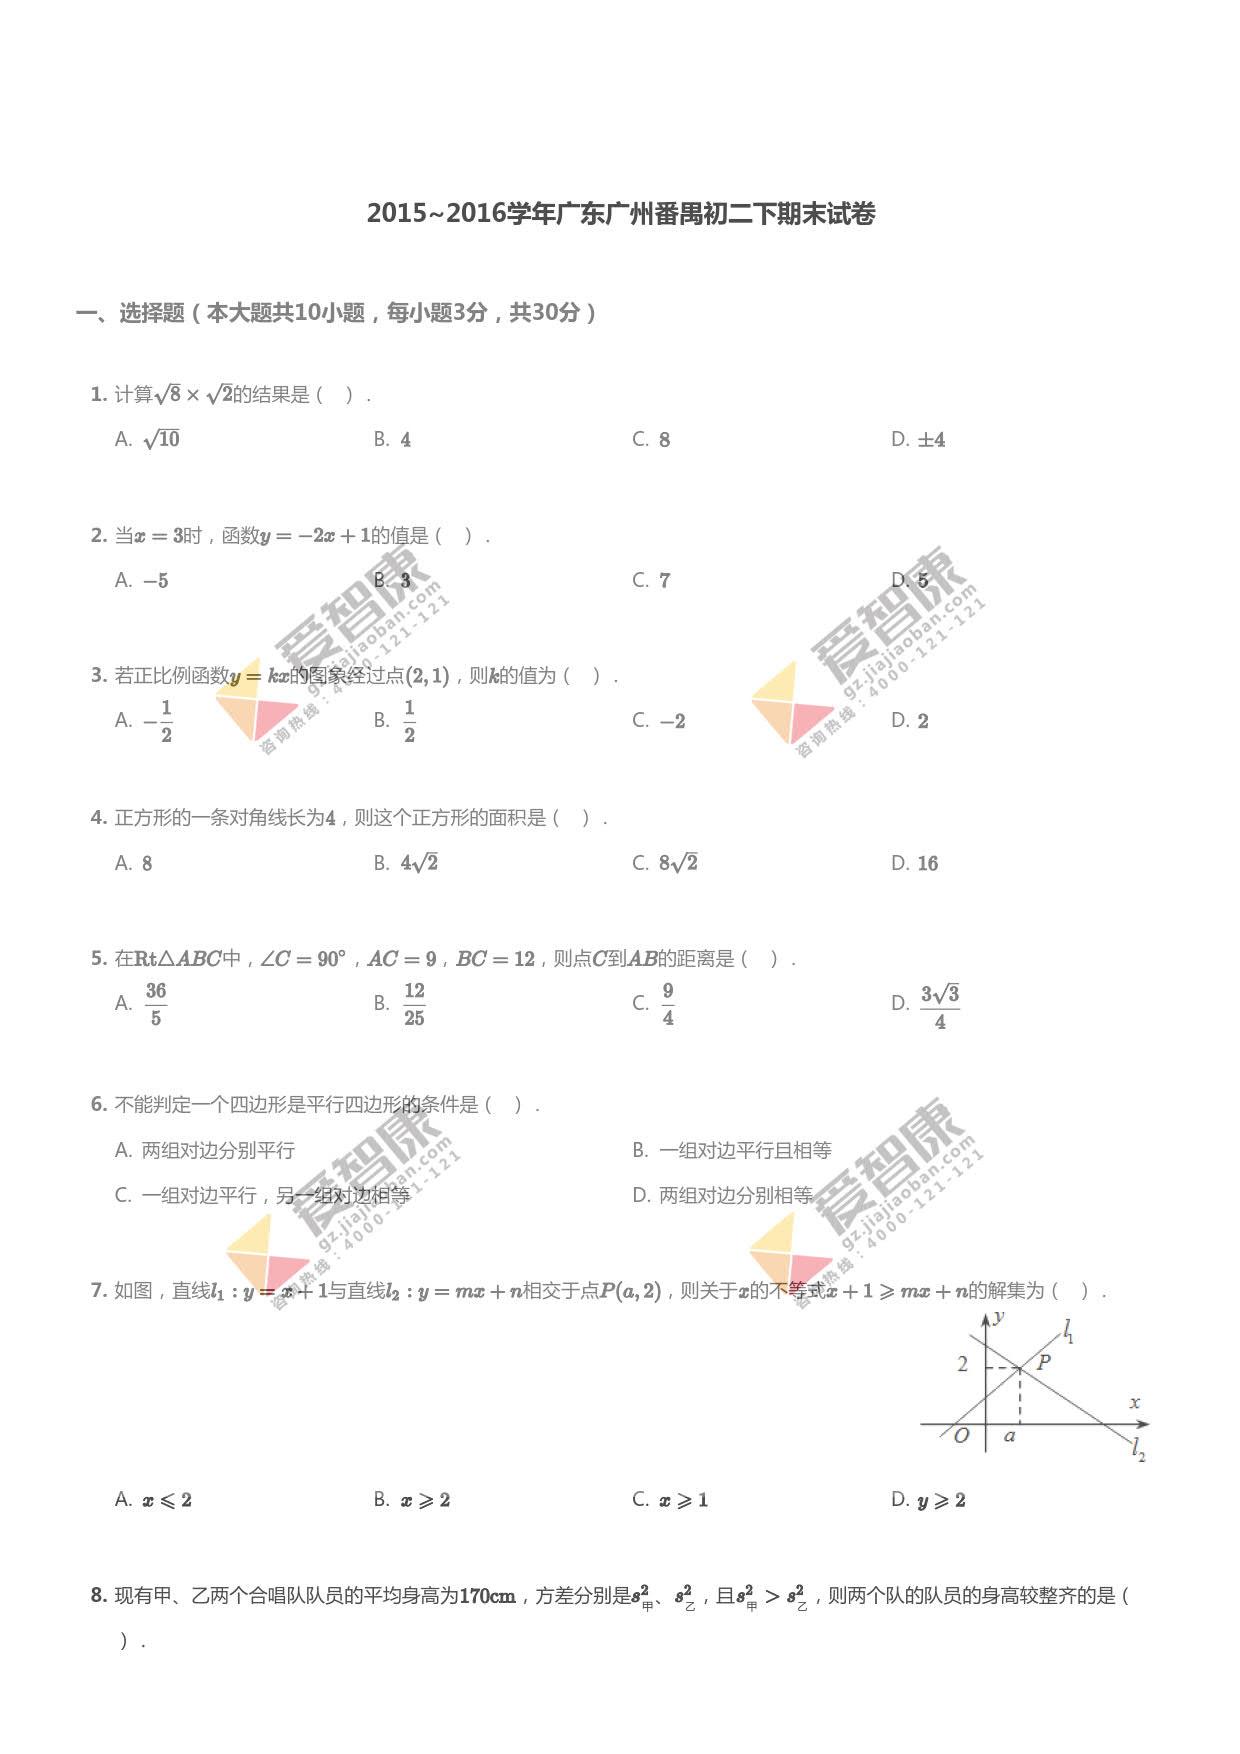 点此下载2015-2016学年广州市番禺区初二下学期期末数学试卷及答案